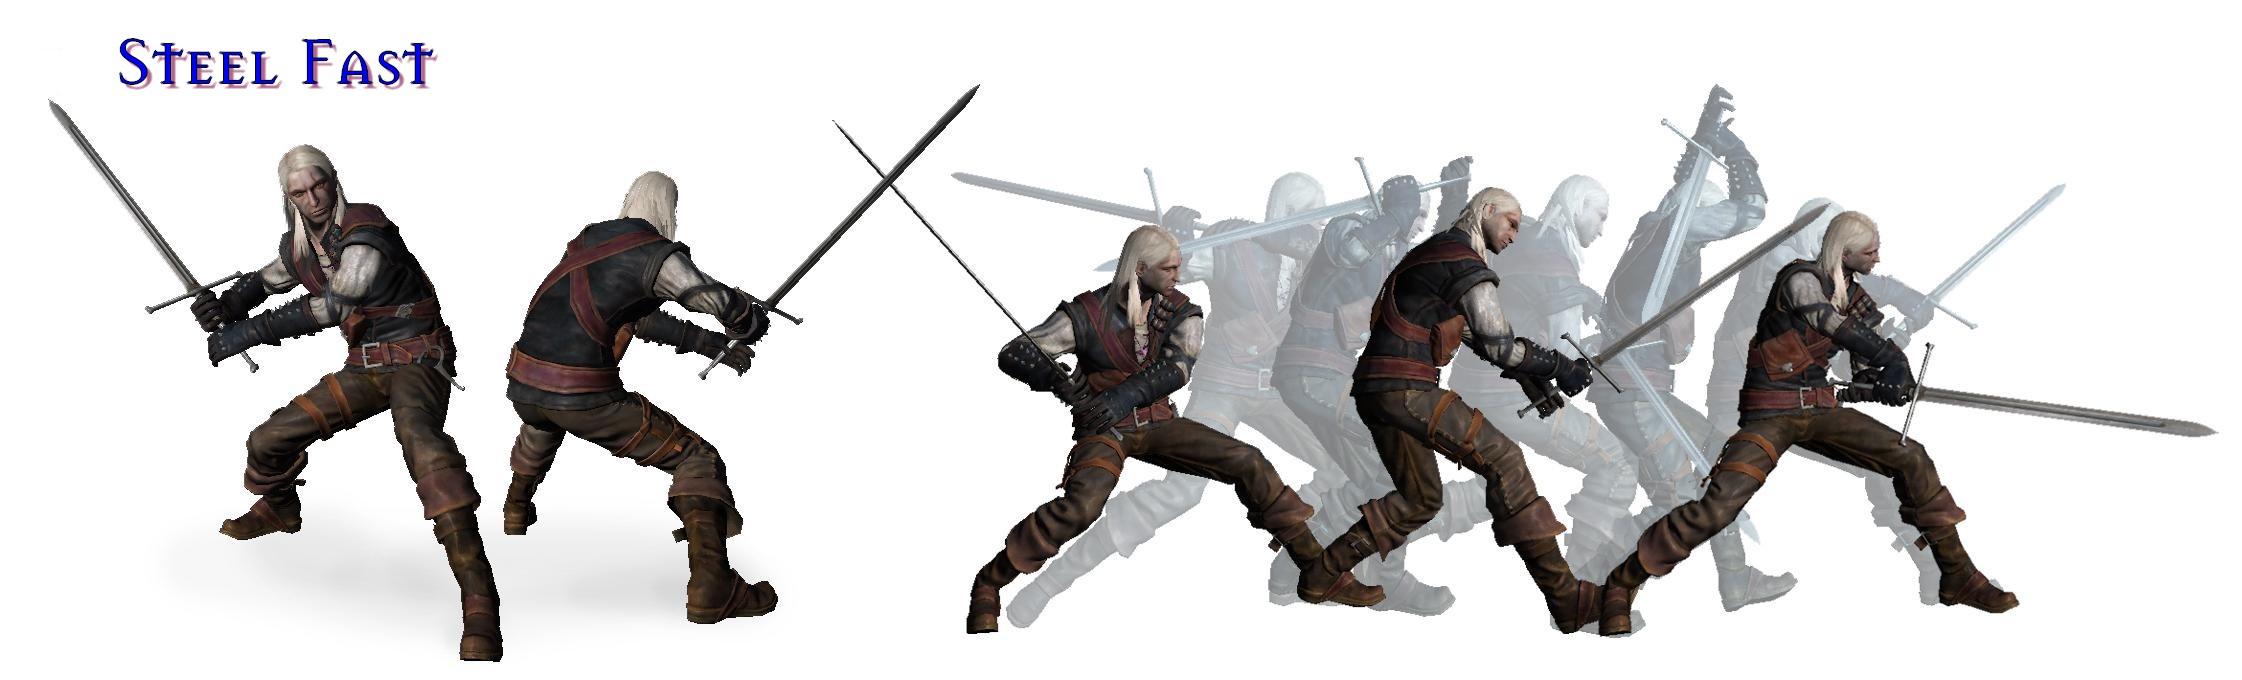 Witcher fighting styles | Witcher Wiki | FANDOM powered by Wikia